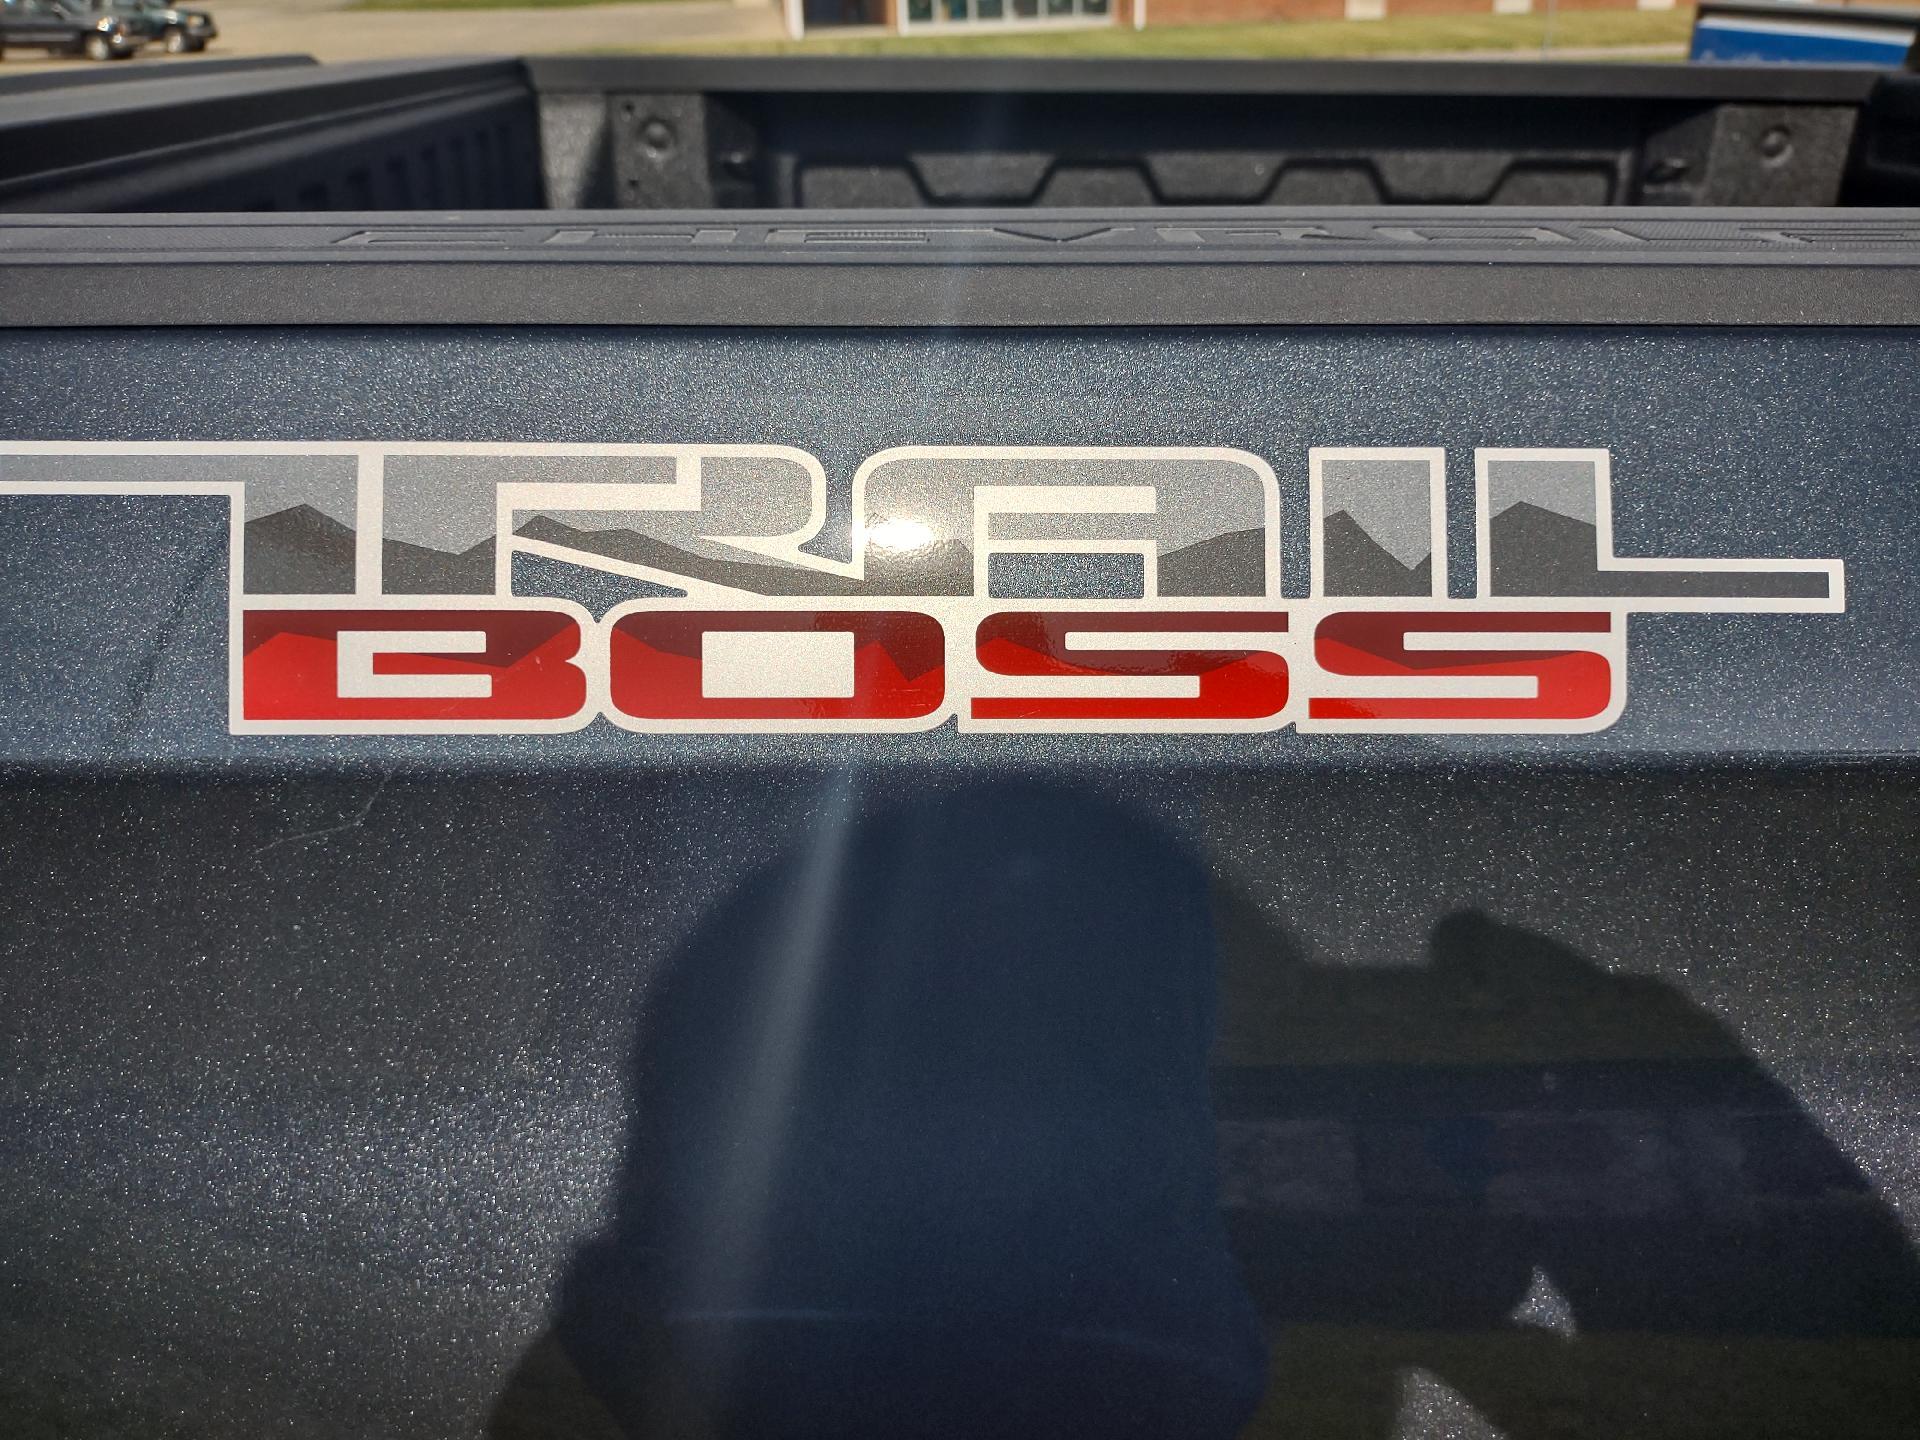 2021 Chevrolet Silverado 1500 Vehicle Photo in Mason City, IA 50401